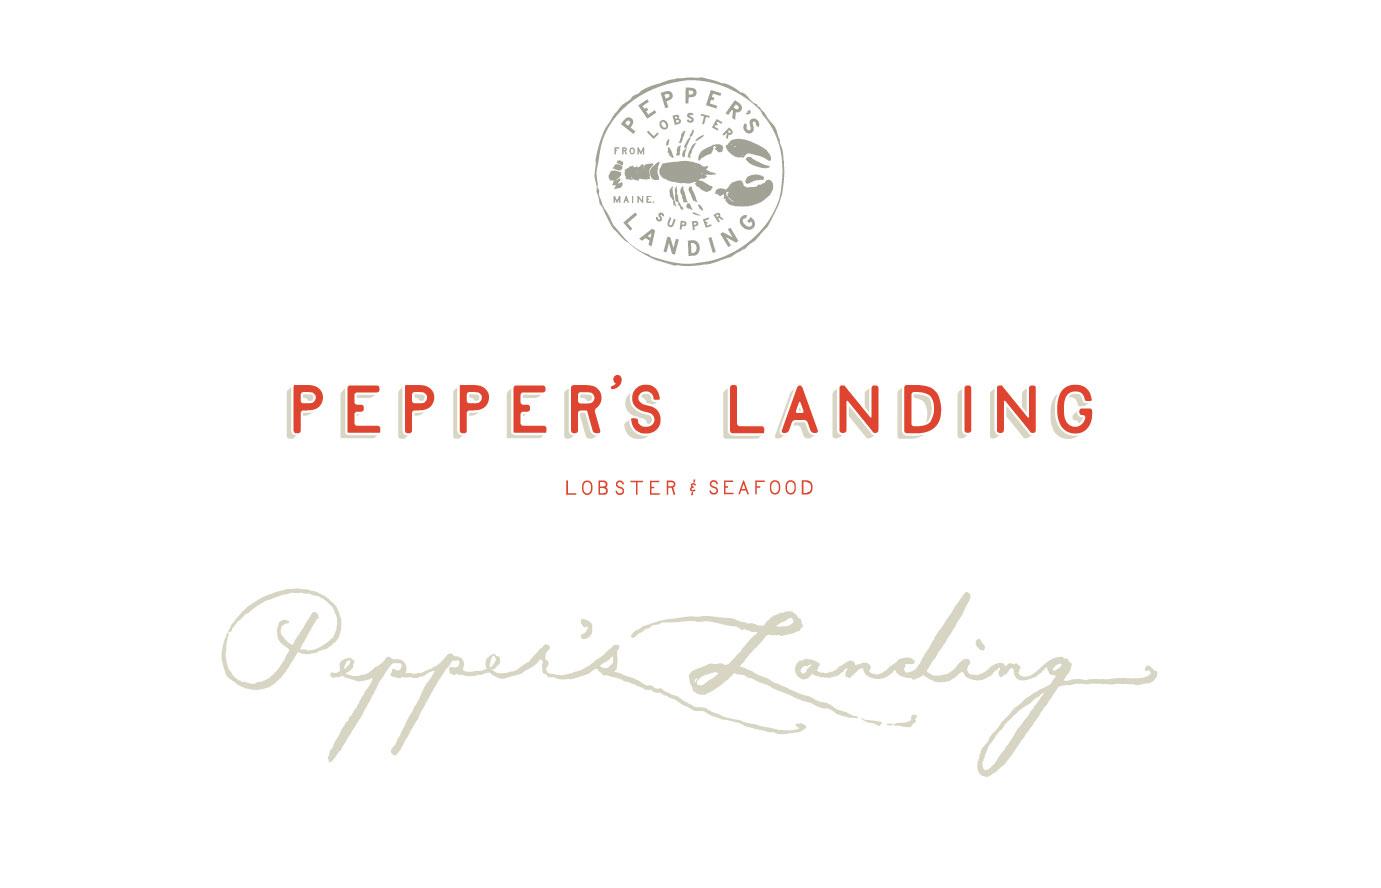 Pepper's Landing Branding and Identity Development